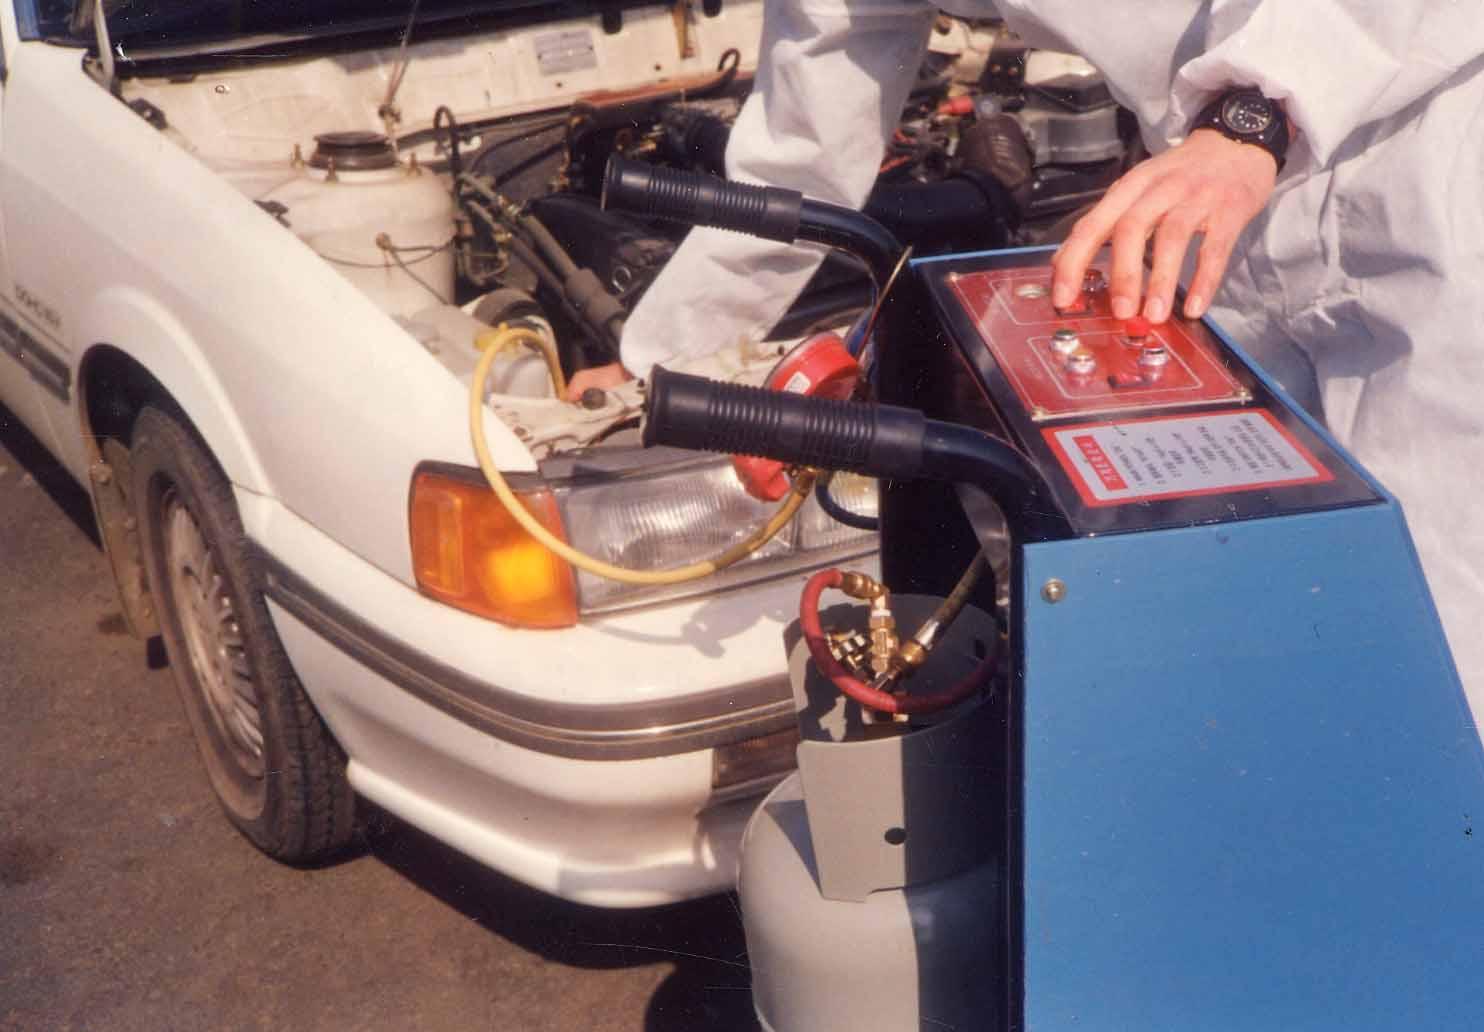 자동차 에어컨 냉매용 프레온 가스를 회수하고 있다. [중앙포토]